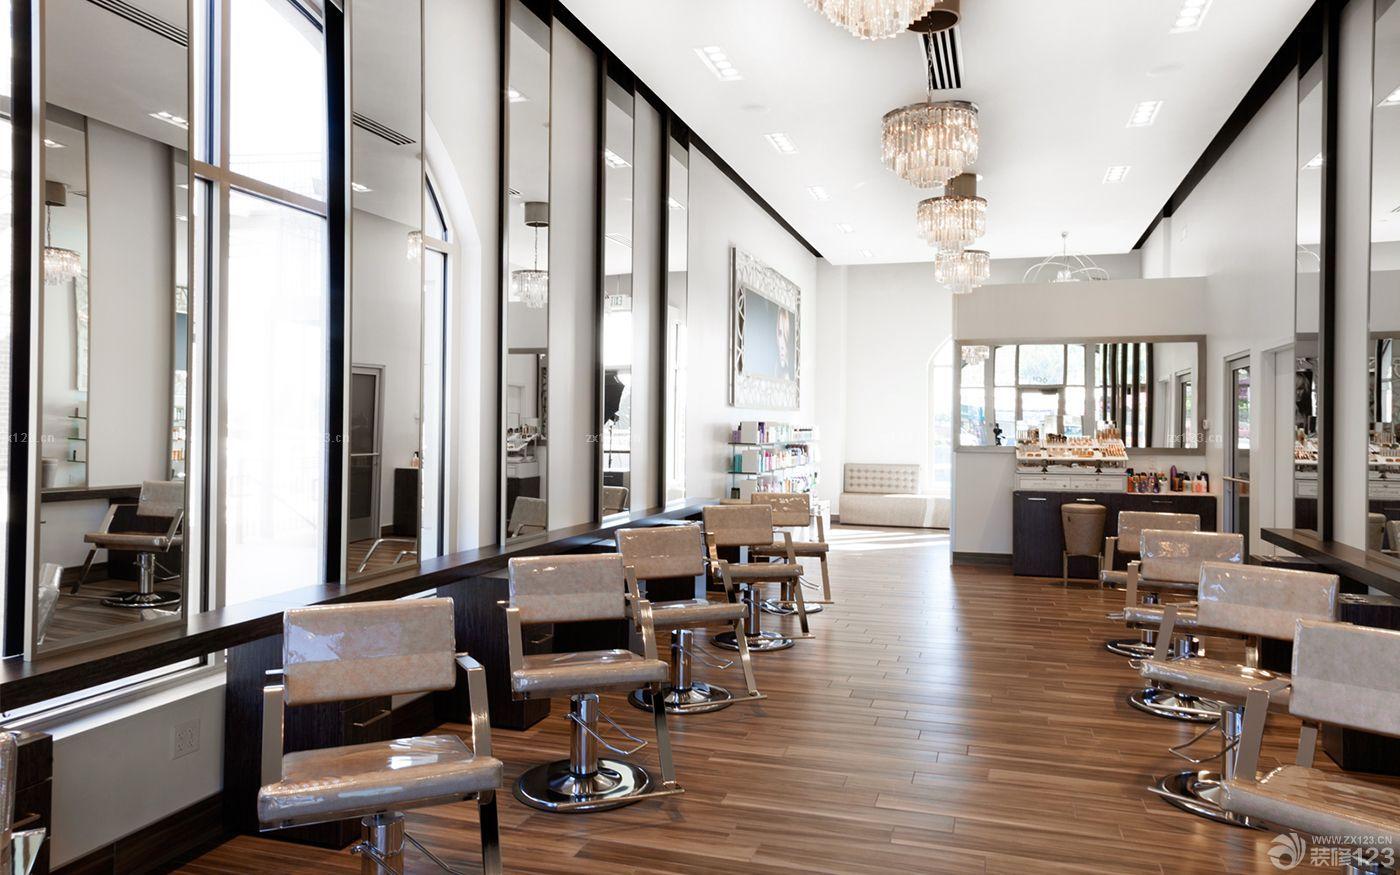 60平方美发店装修风格分享展示